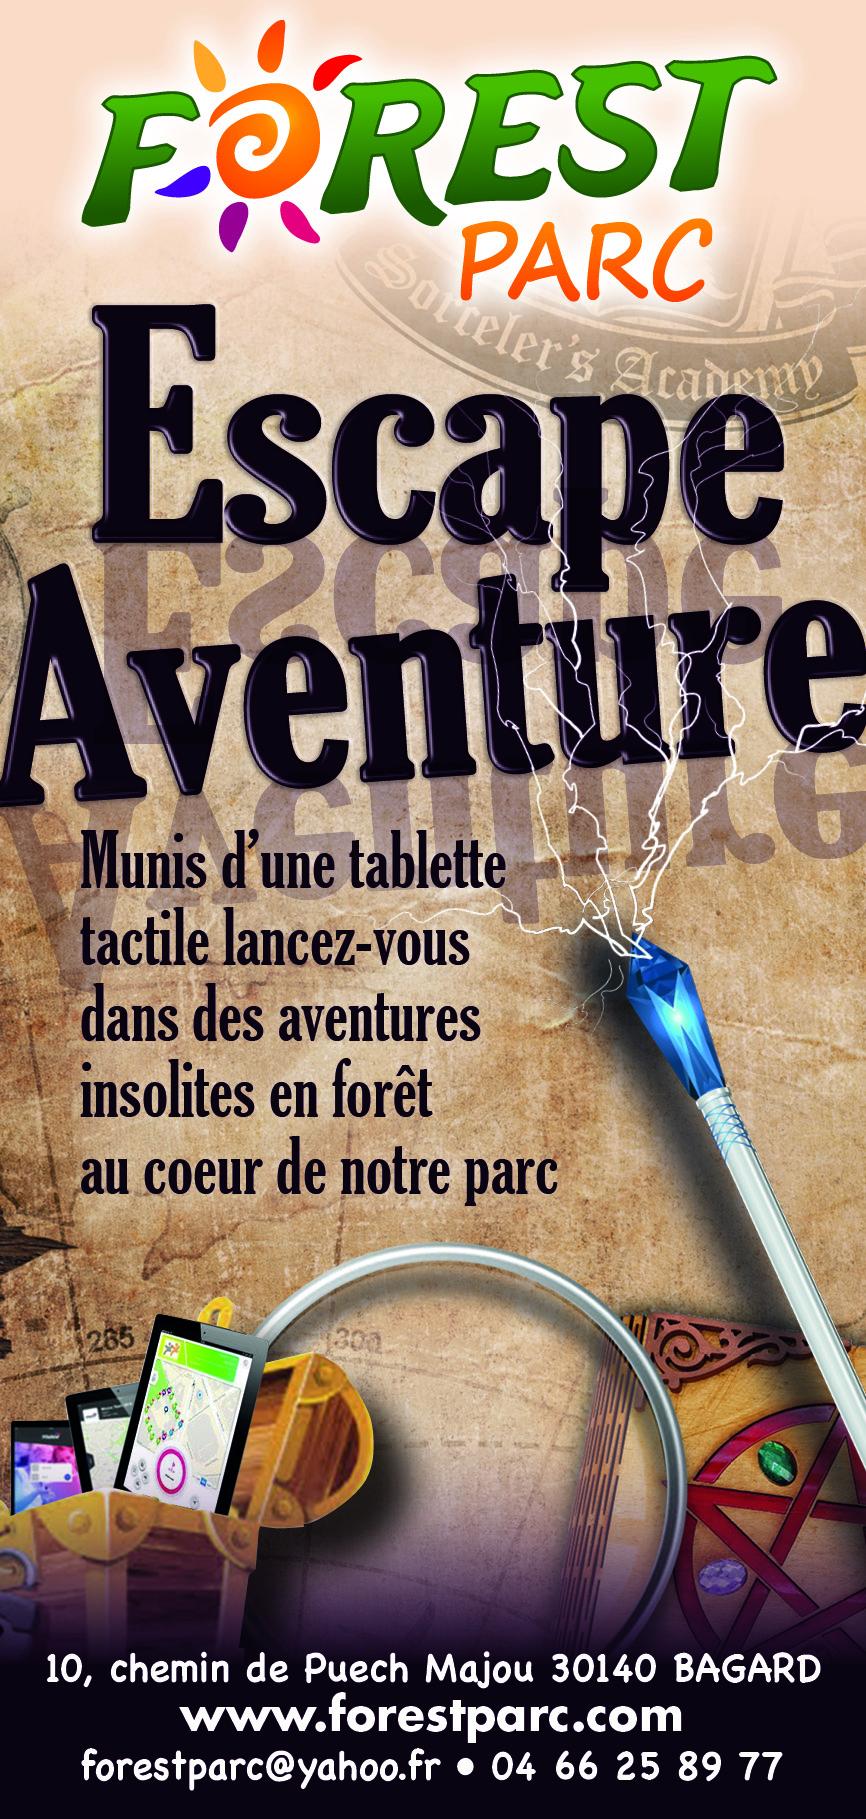 Flyer escape aventure